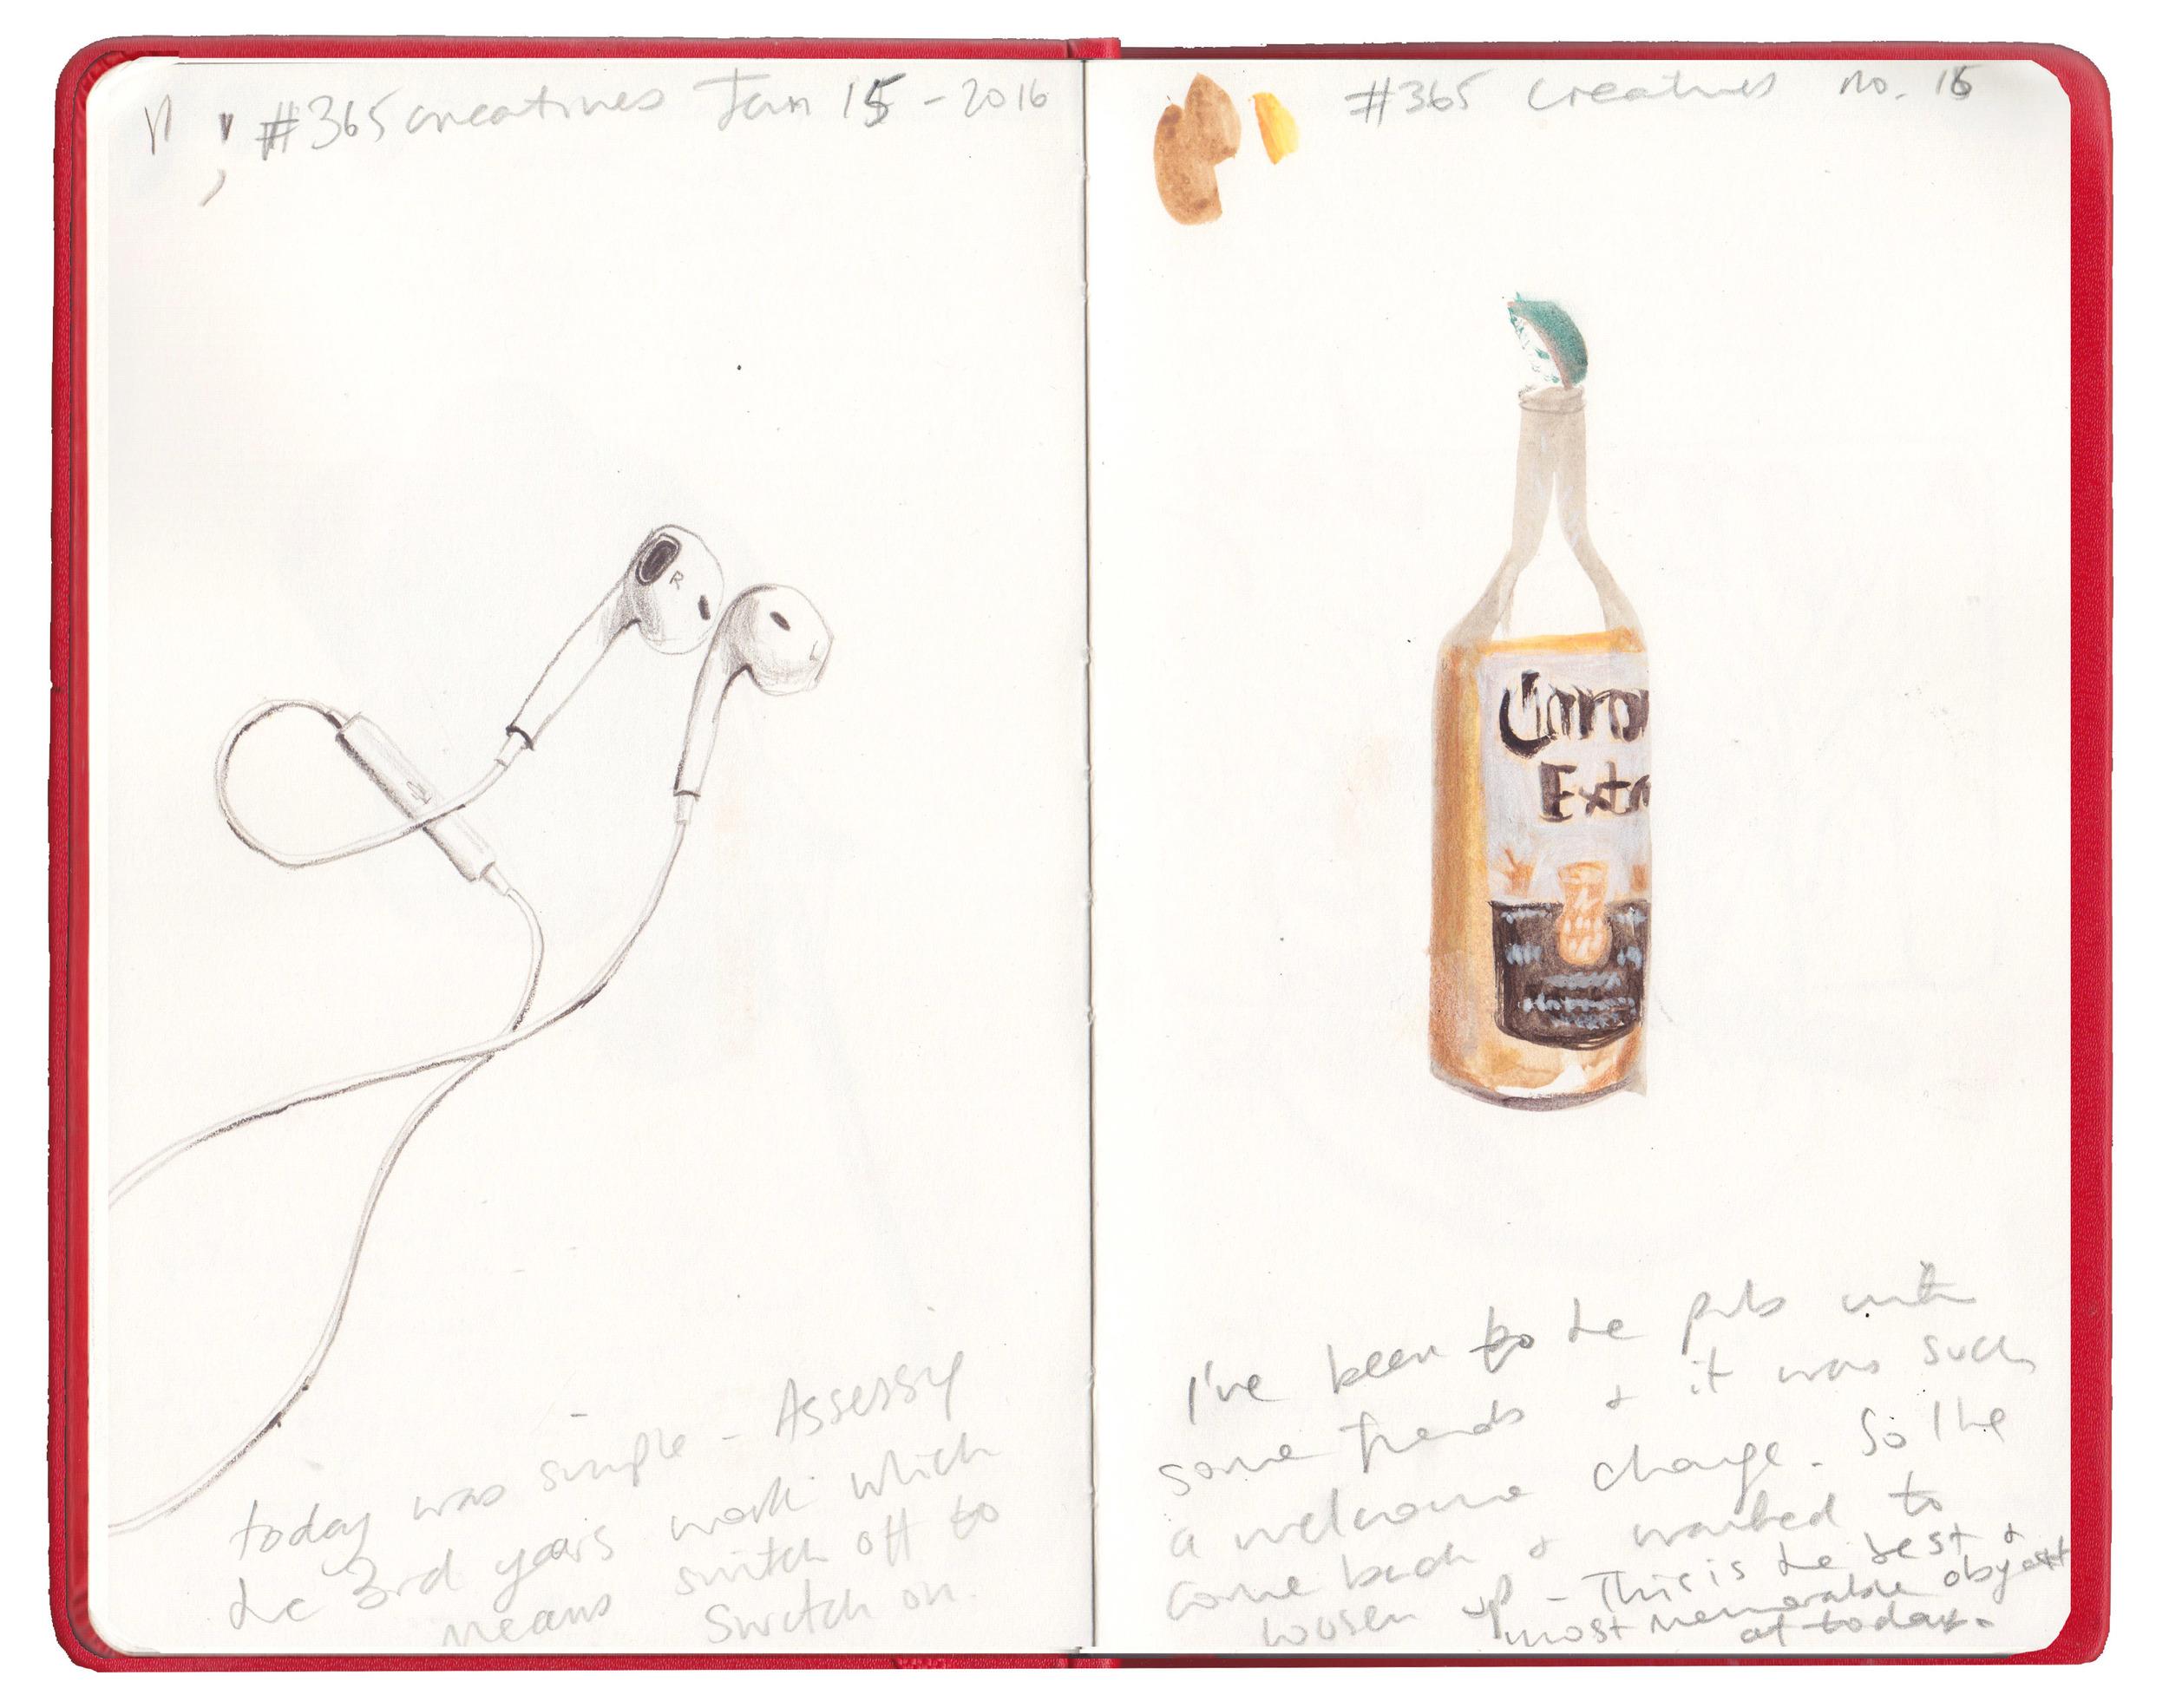 sketchbookday15-16.jpg